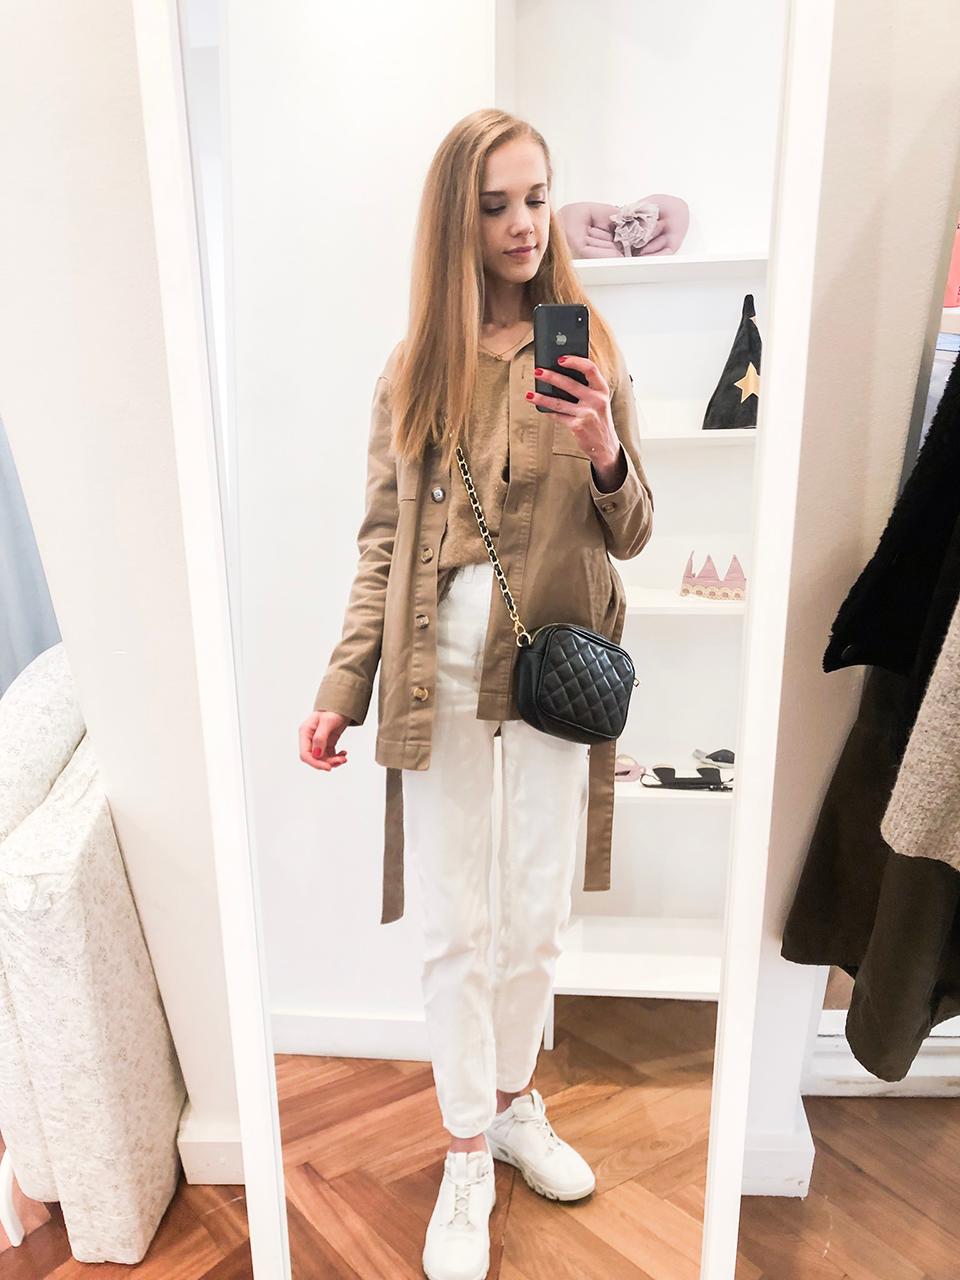 Fashion blogger outfit autumn 2019 neutral tones - Muotibloggaaja syysmuoti-inspiraatio 2019, neutraalit värit